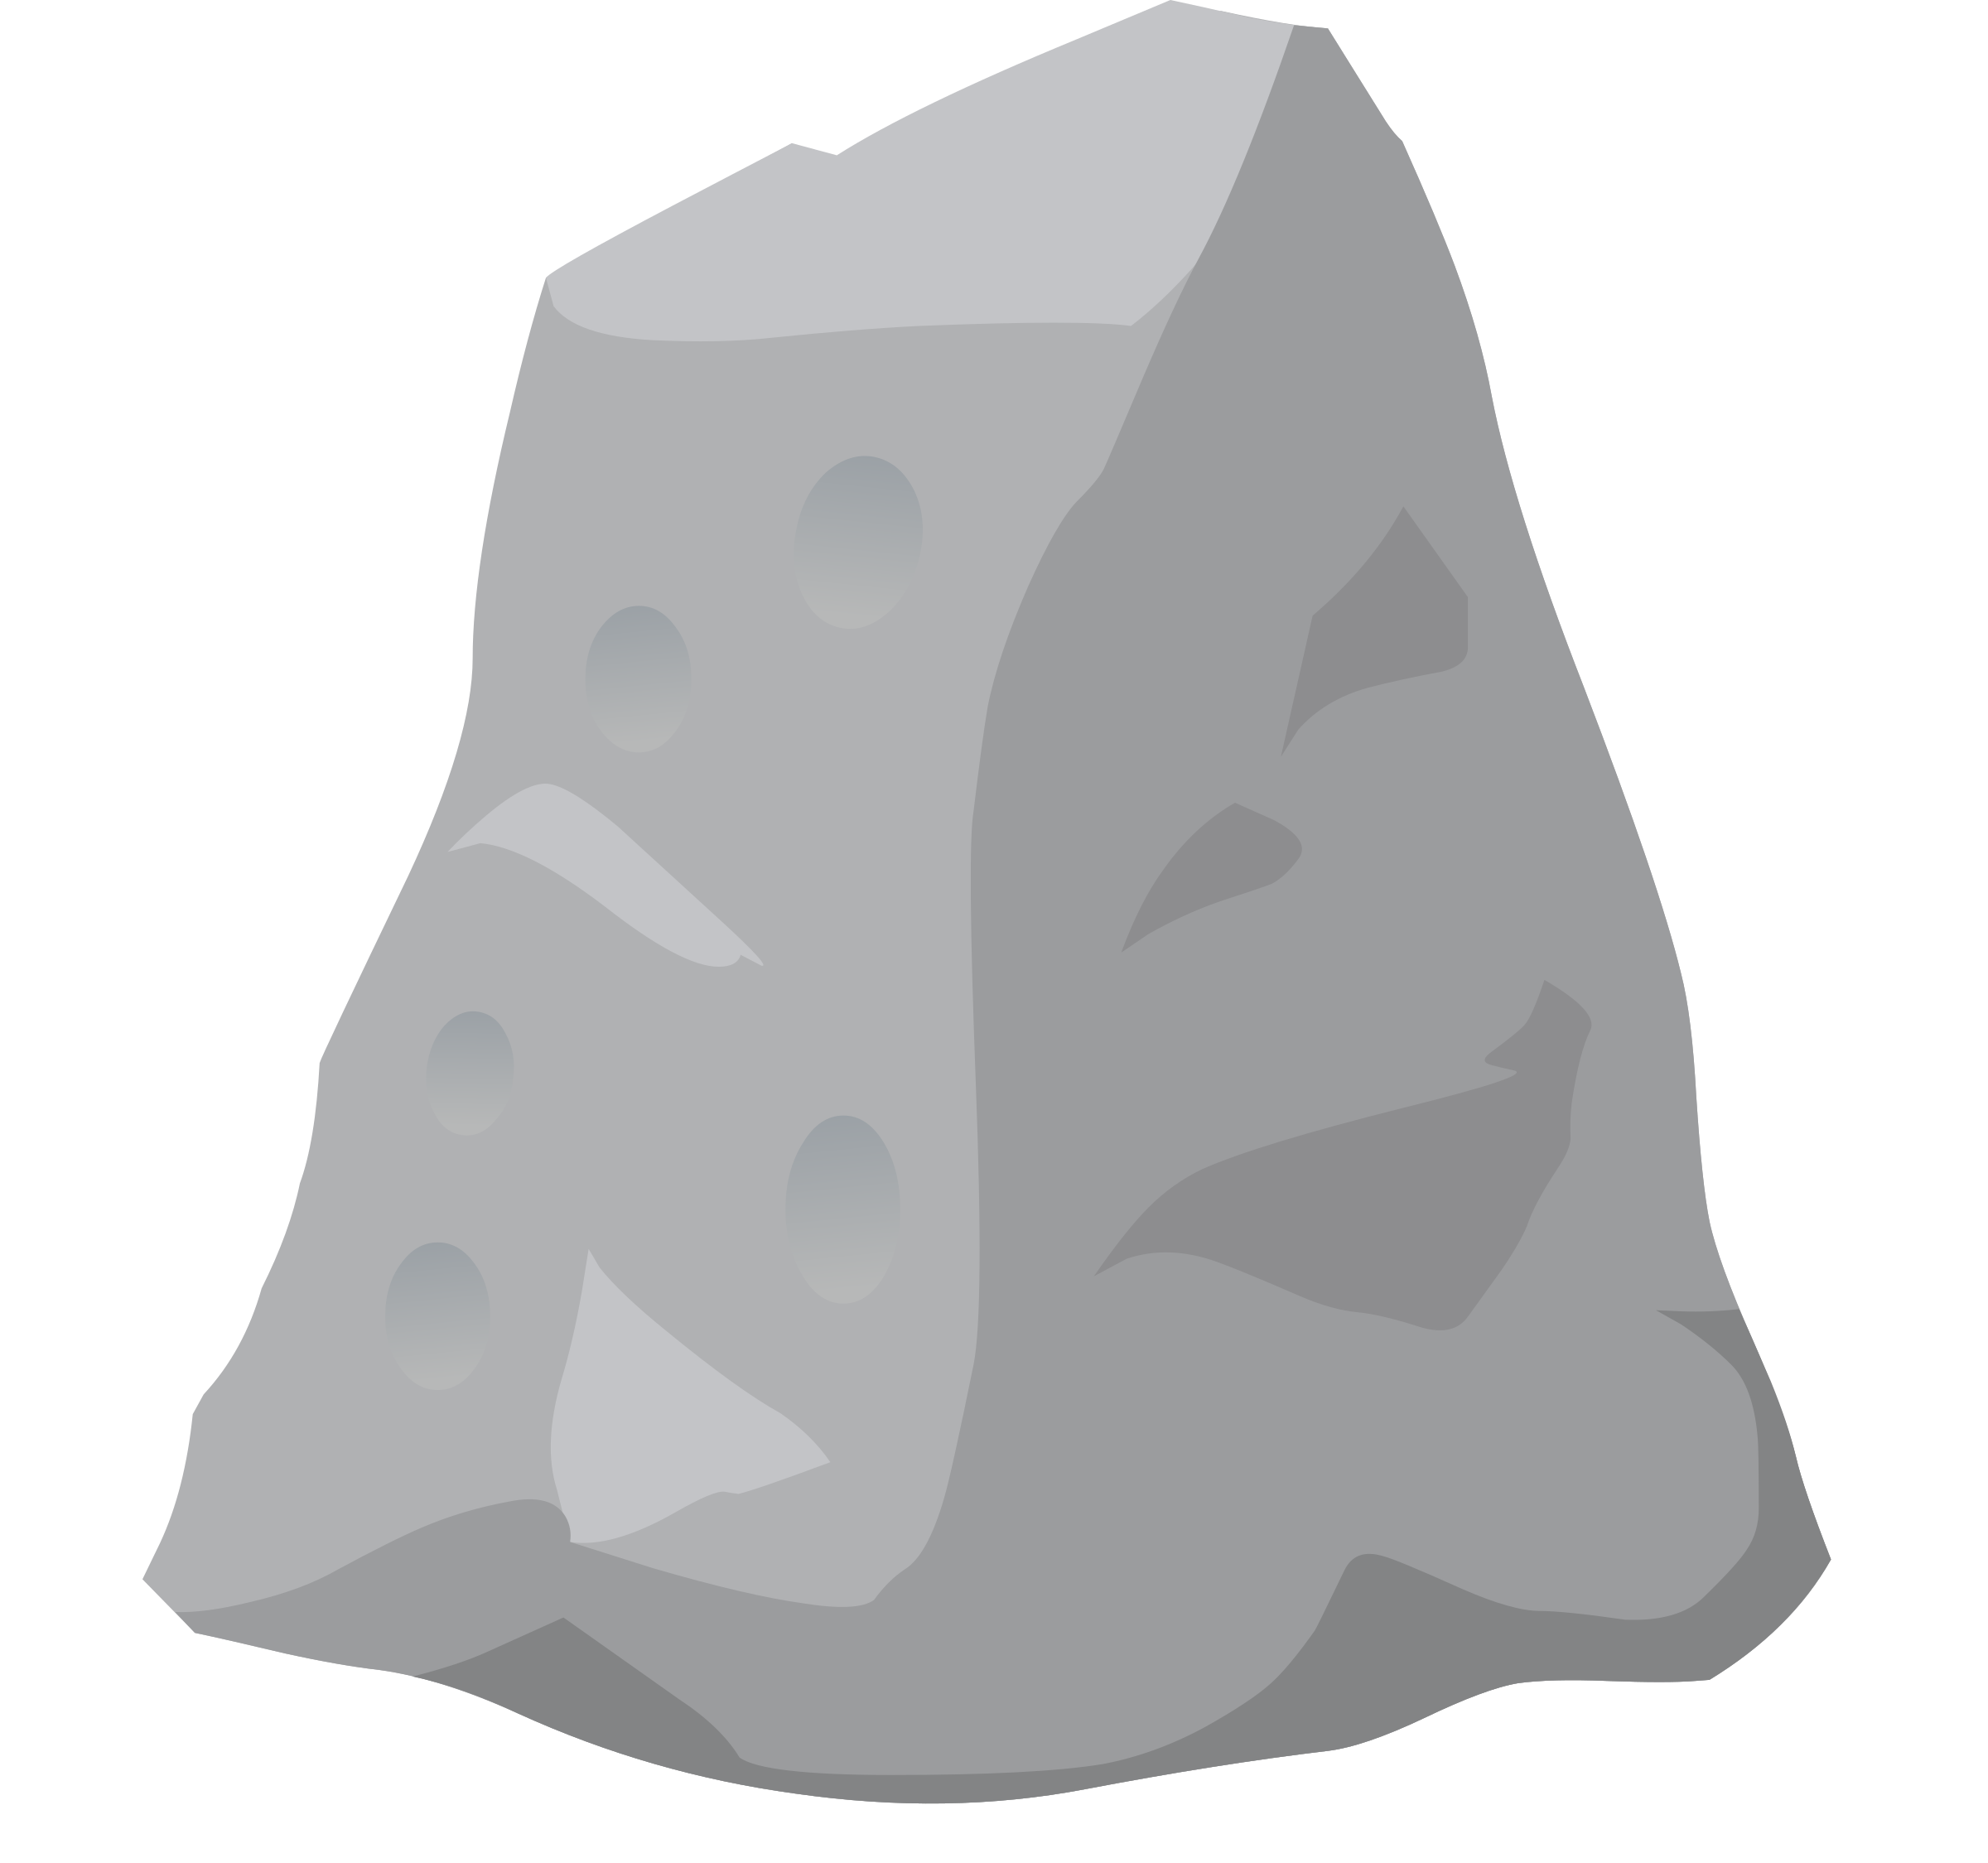 Clip art rock 2